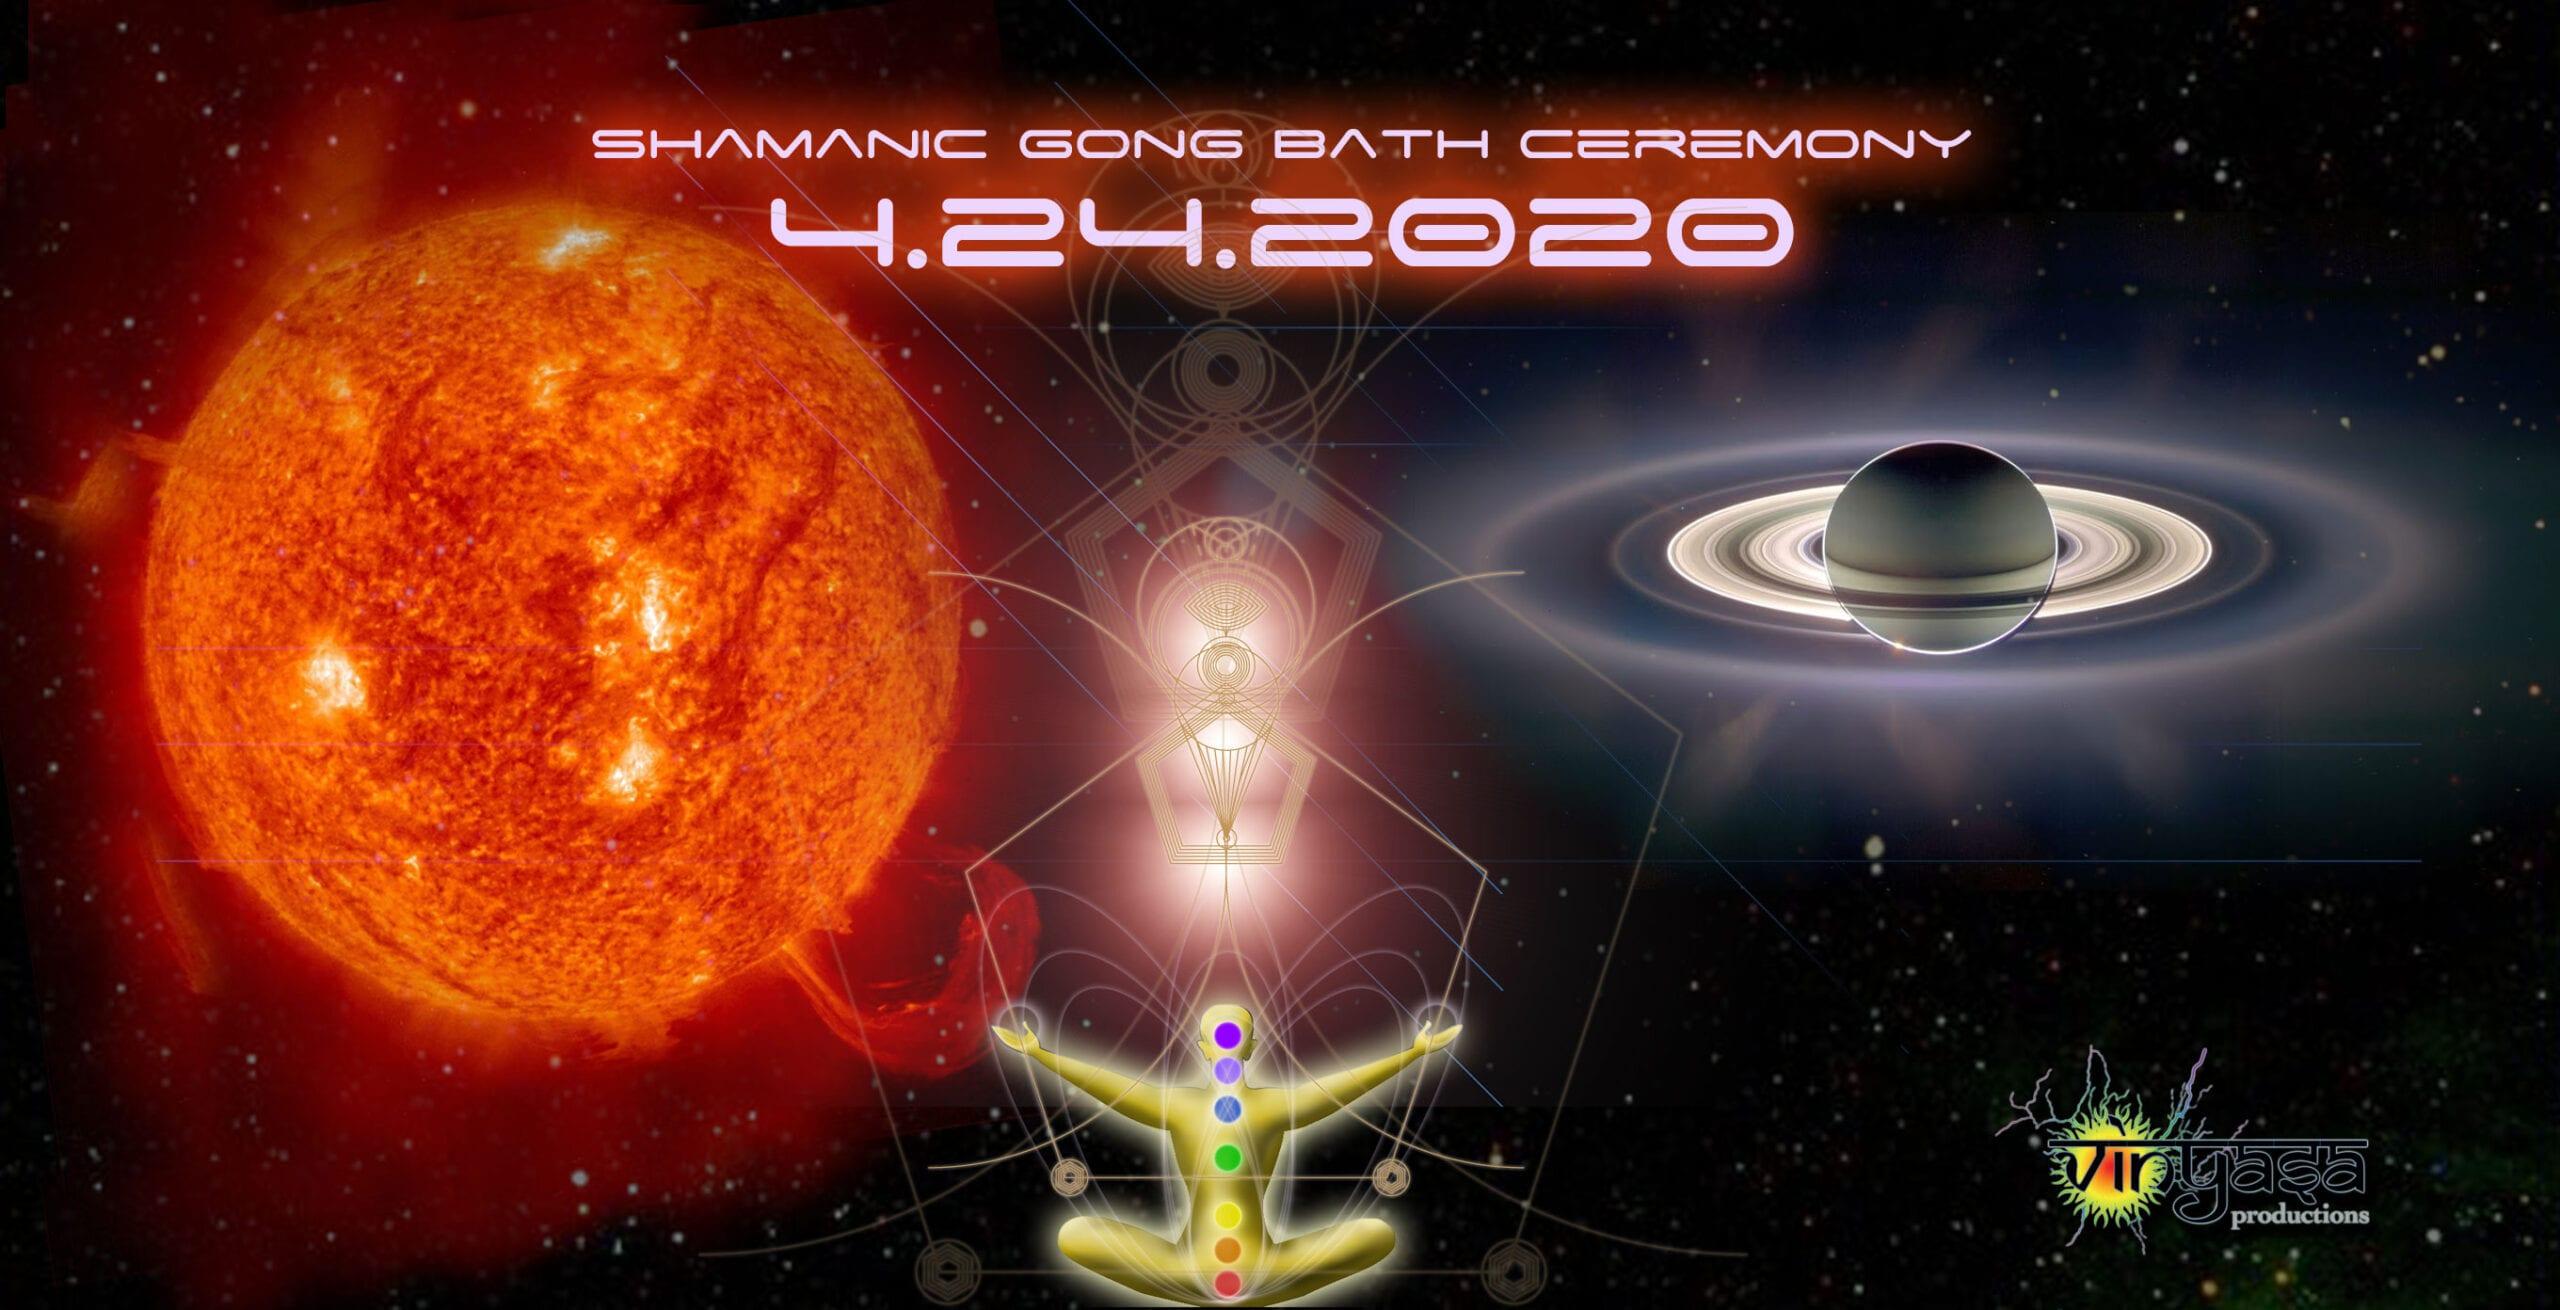 April 24, 2020 Gong Bath